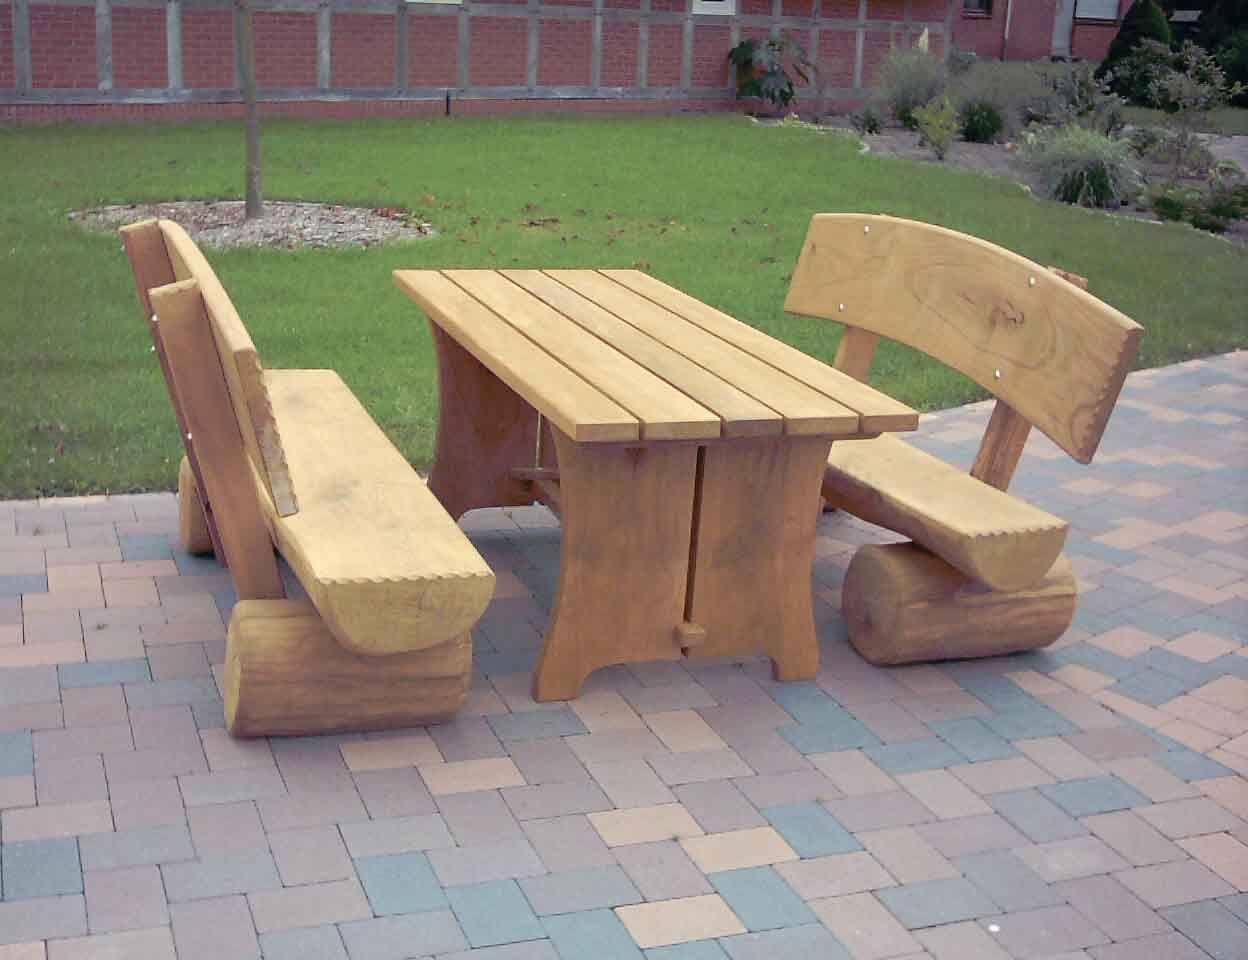 Bauplan Gartenbank Download Gartenbank Rustikal Gartenbank Holz